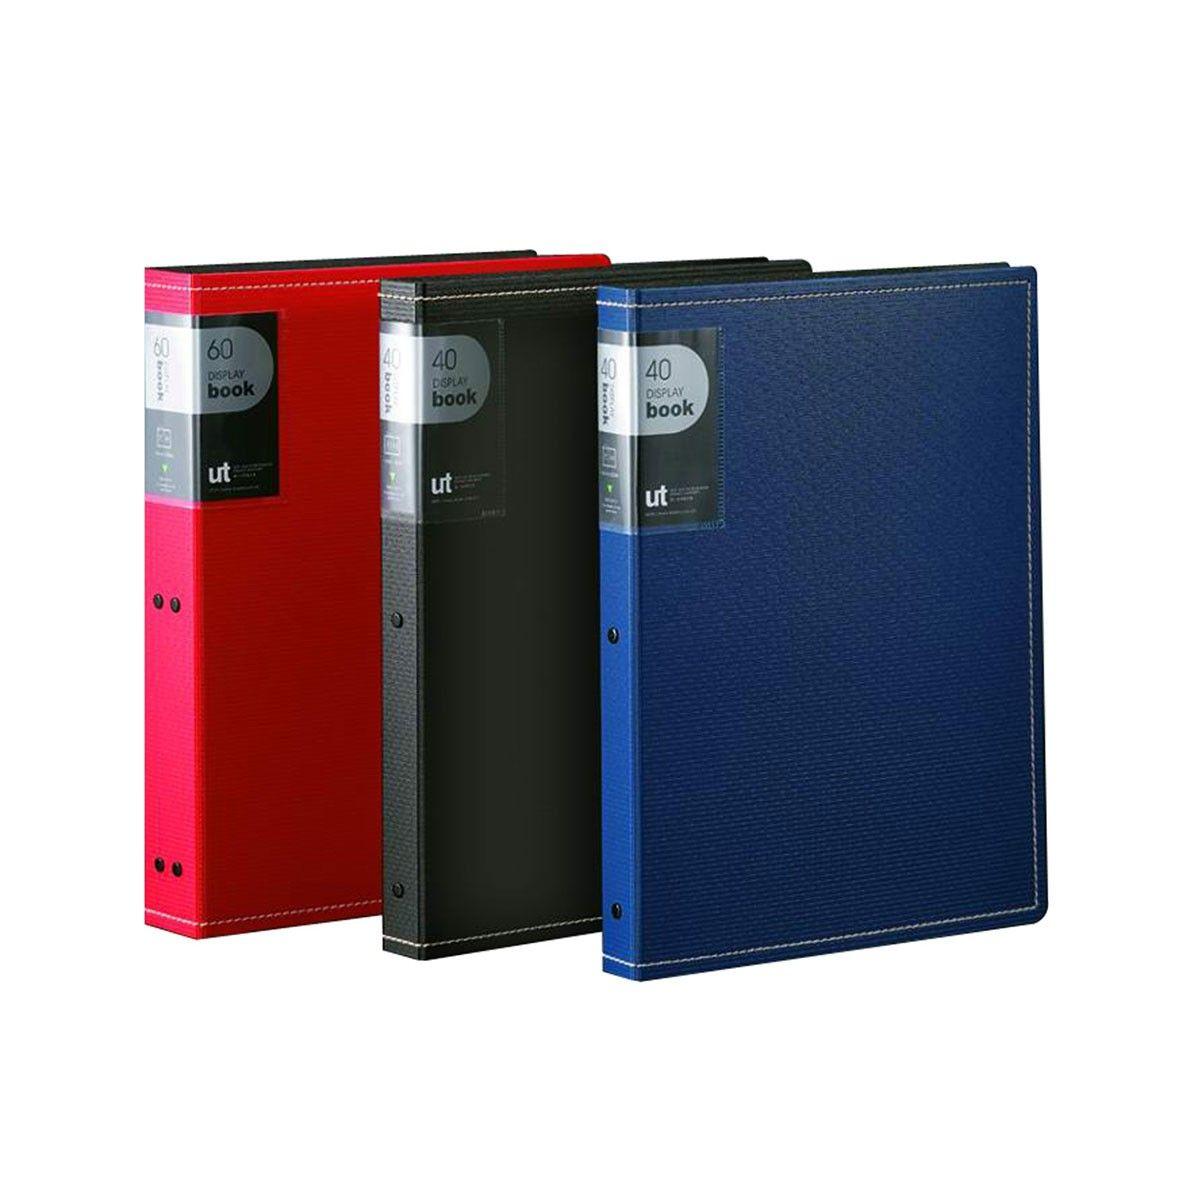 Three-layered Foamed PP Display Book, 20 Pockets (DK-DB-20U)